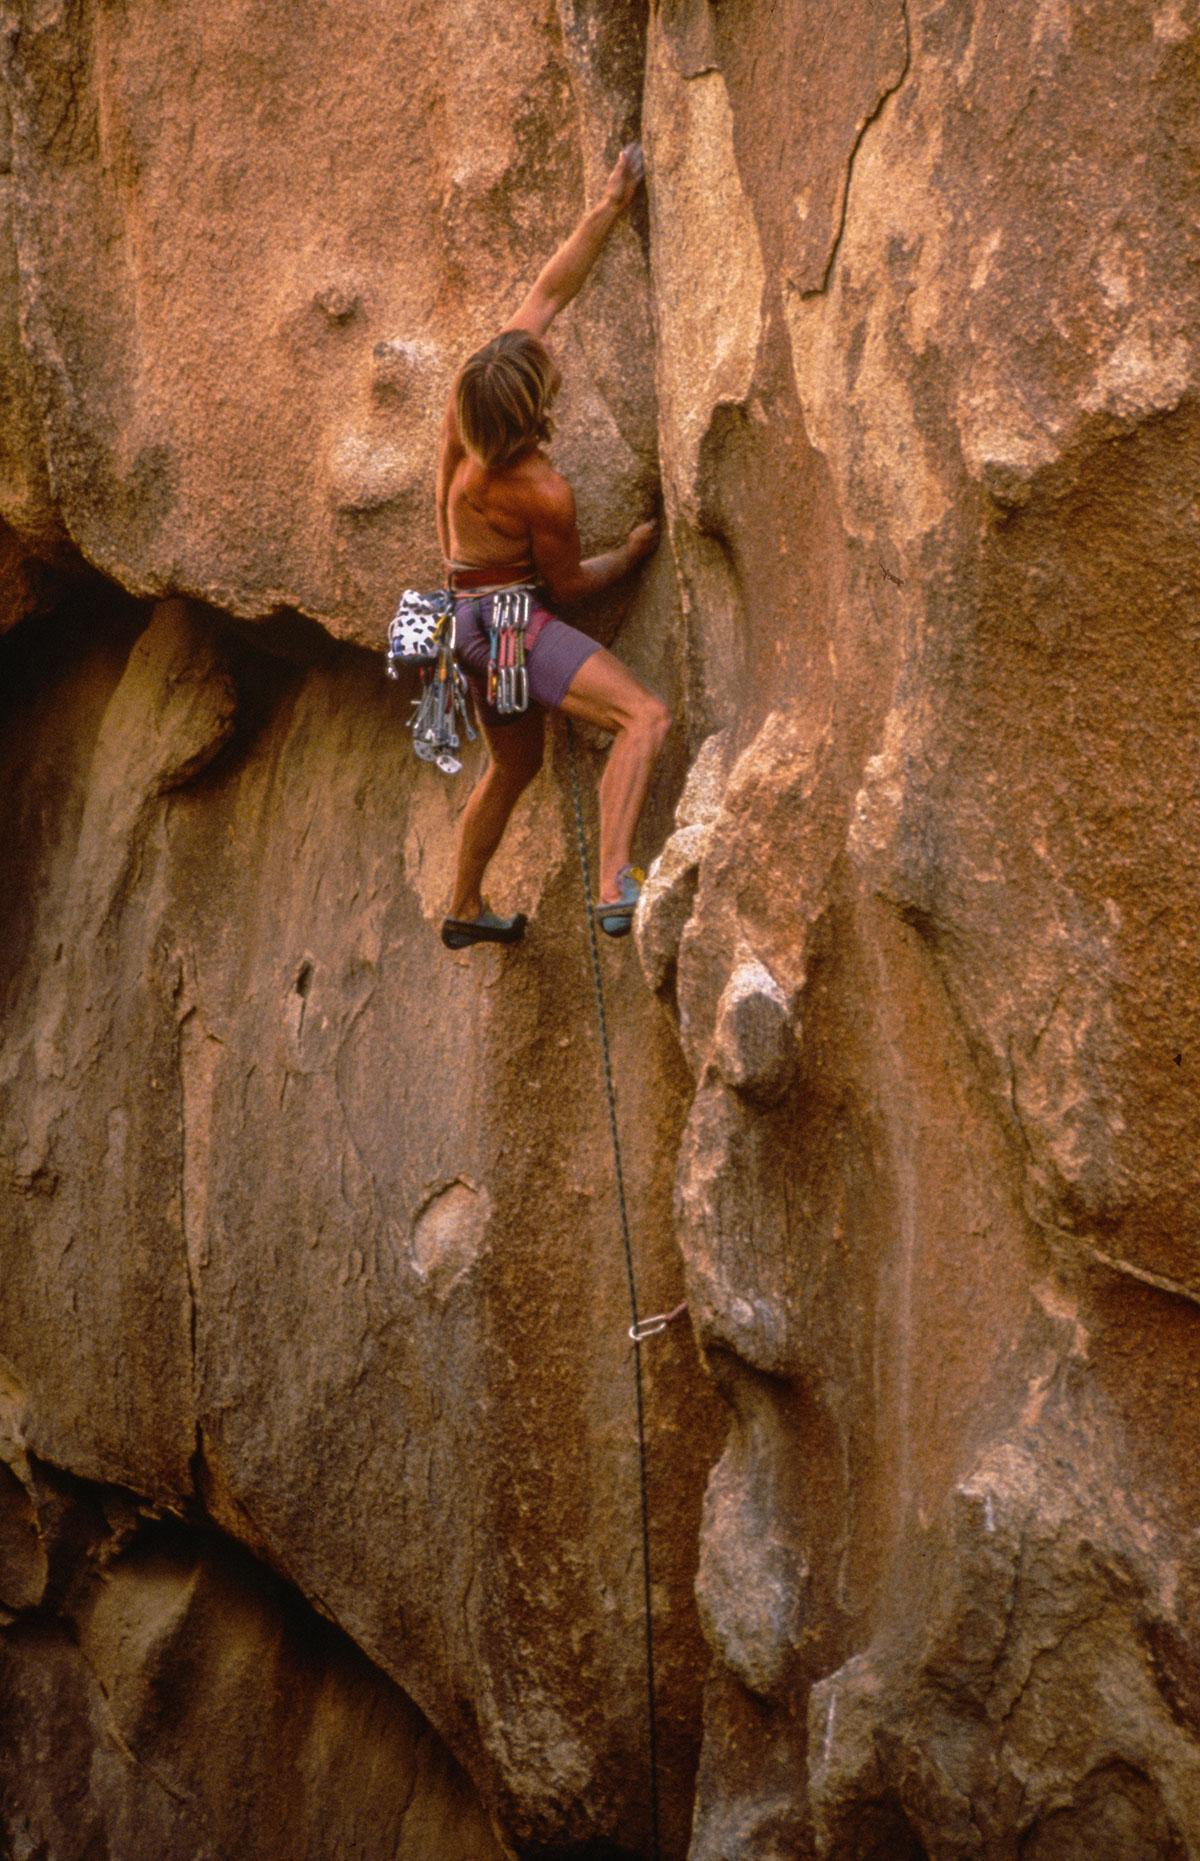 Joshua Tree - climber